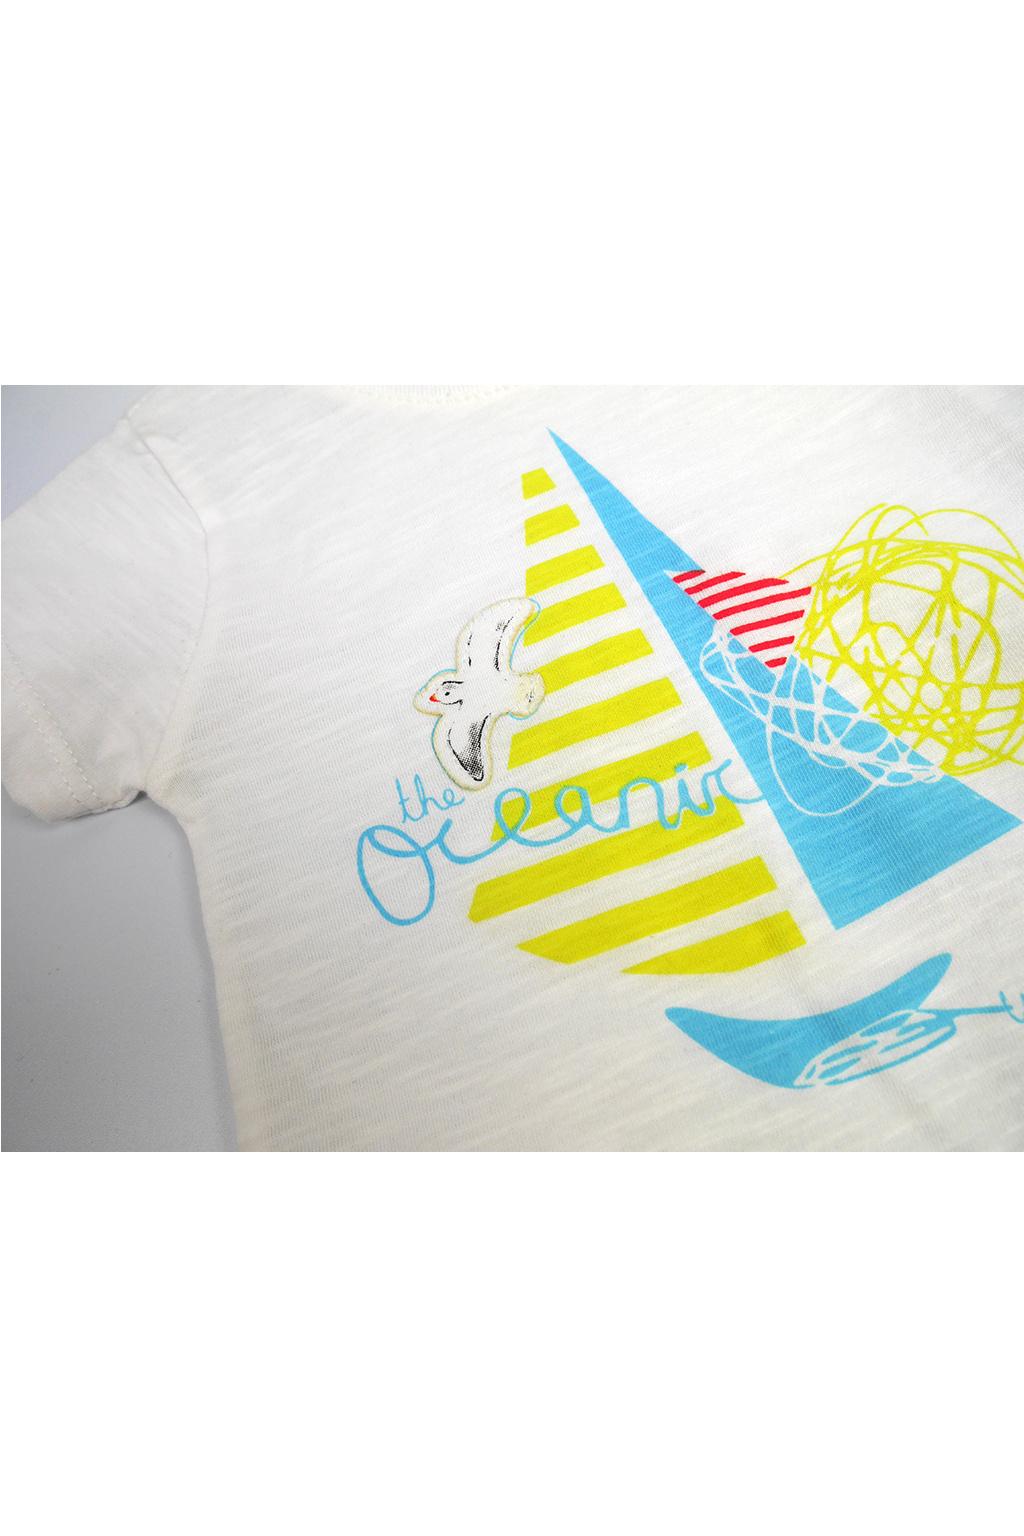 Oceanic chlapecký letní set tričko s krátkým rukávem